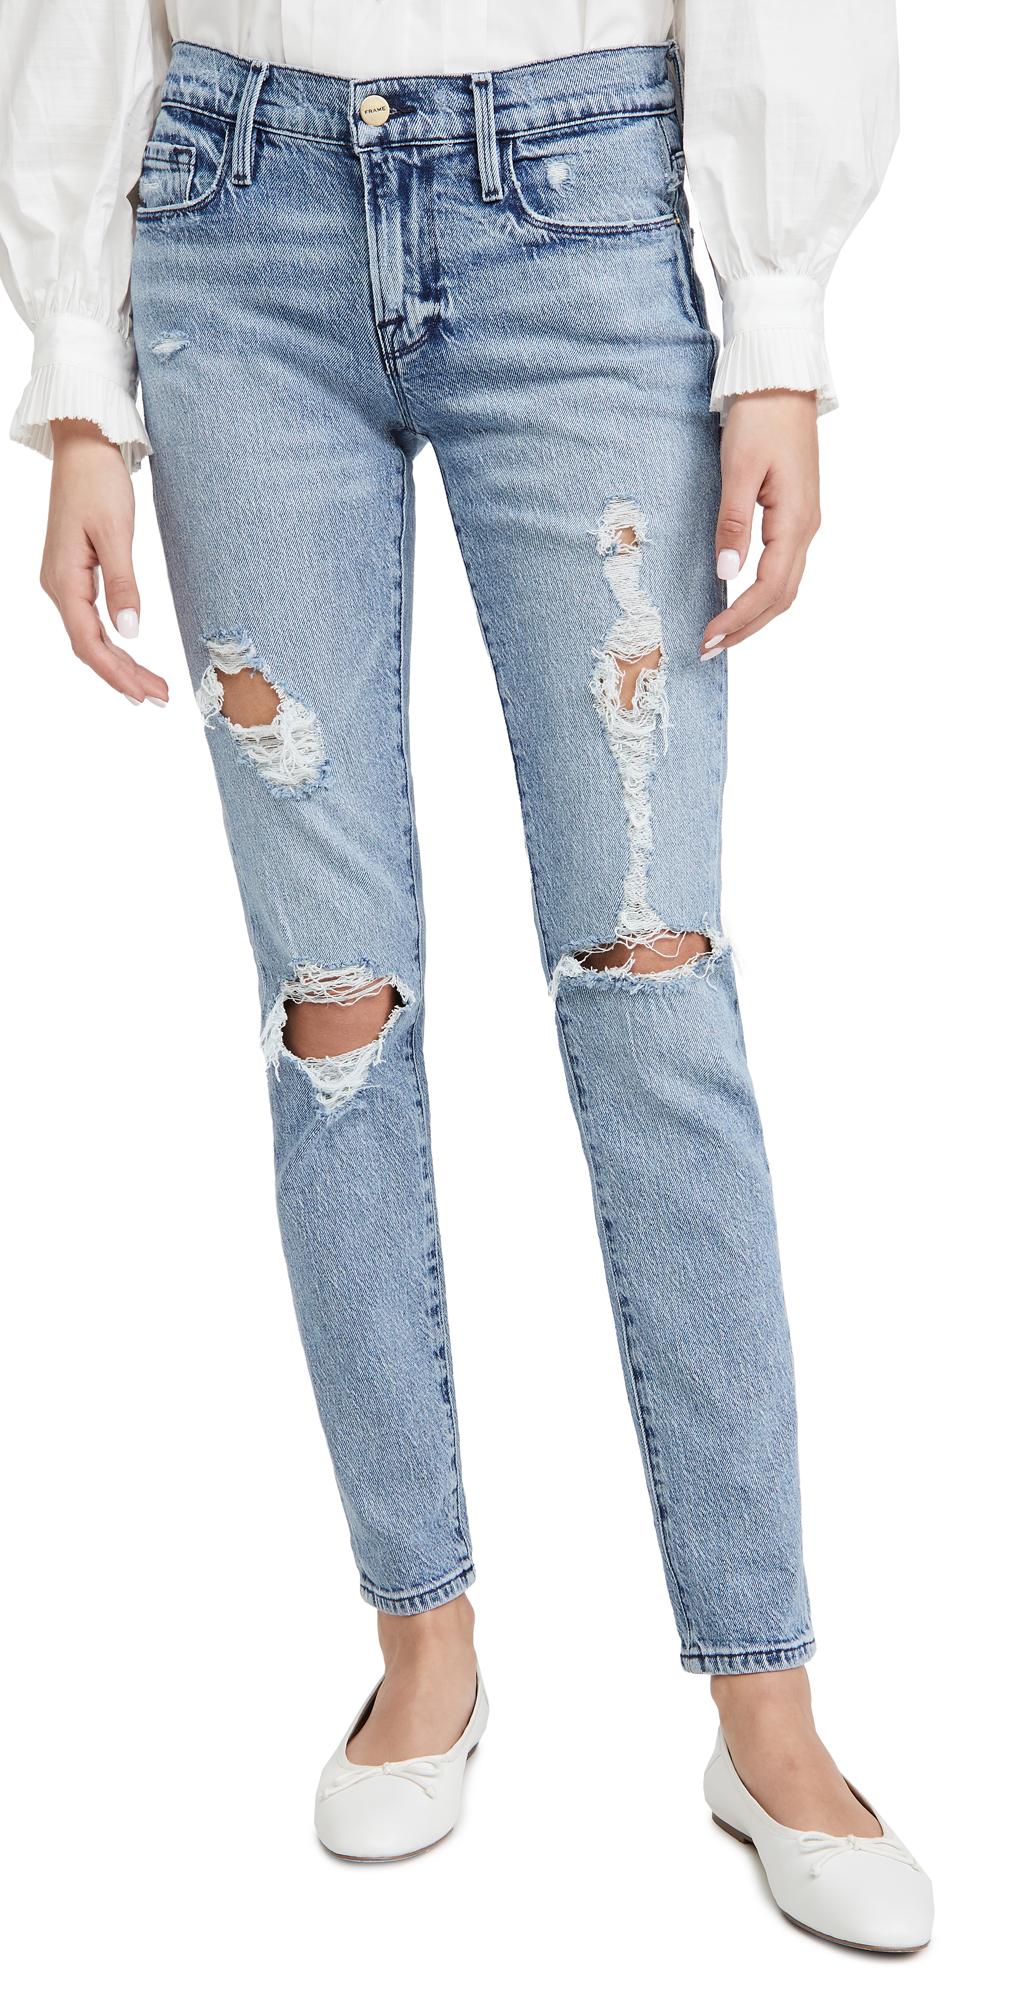 Frame Jeans LE GARCON JEANS